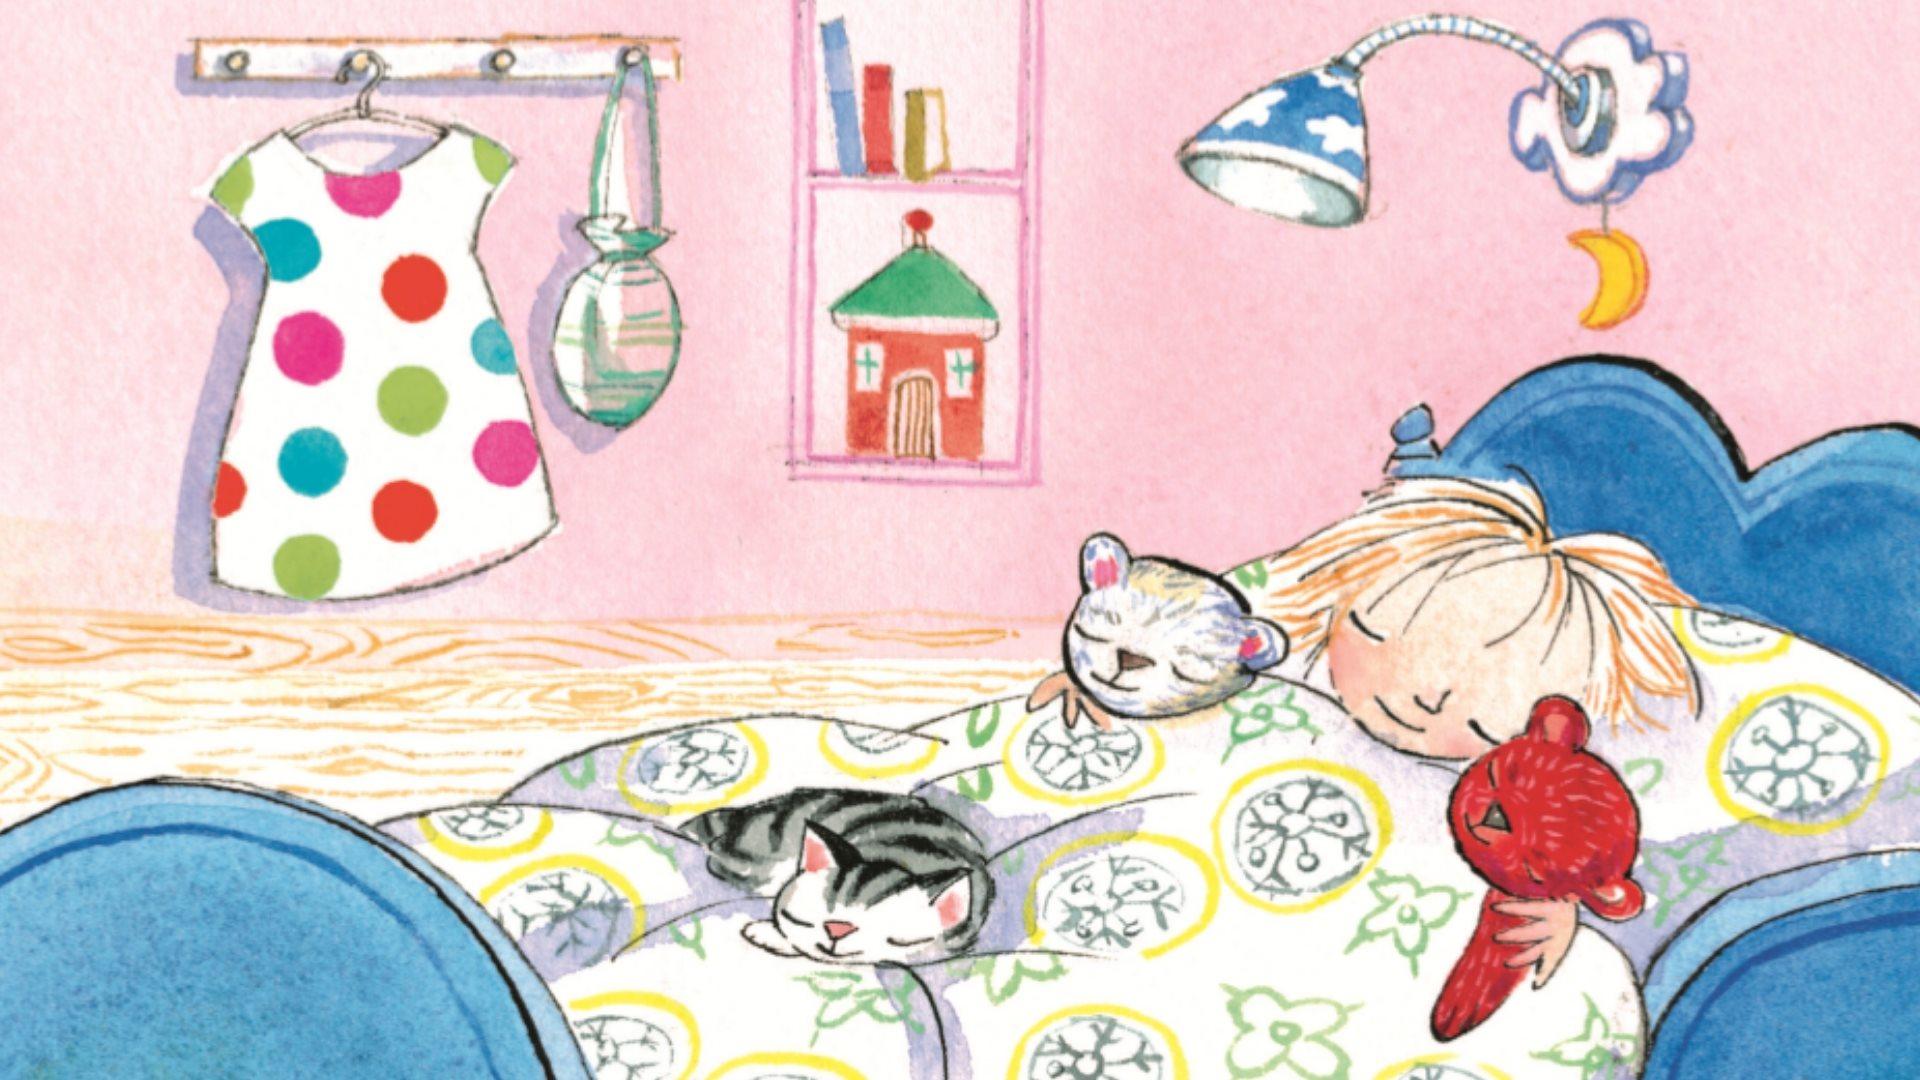 carlsens godnathistorier, højtlæsning, godnatlæsning, børnebøger